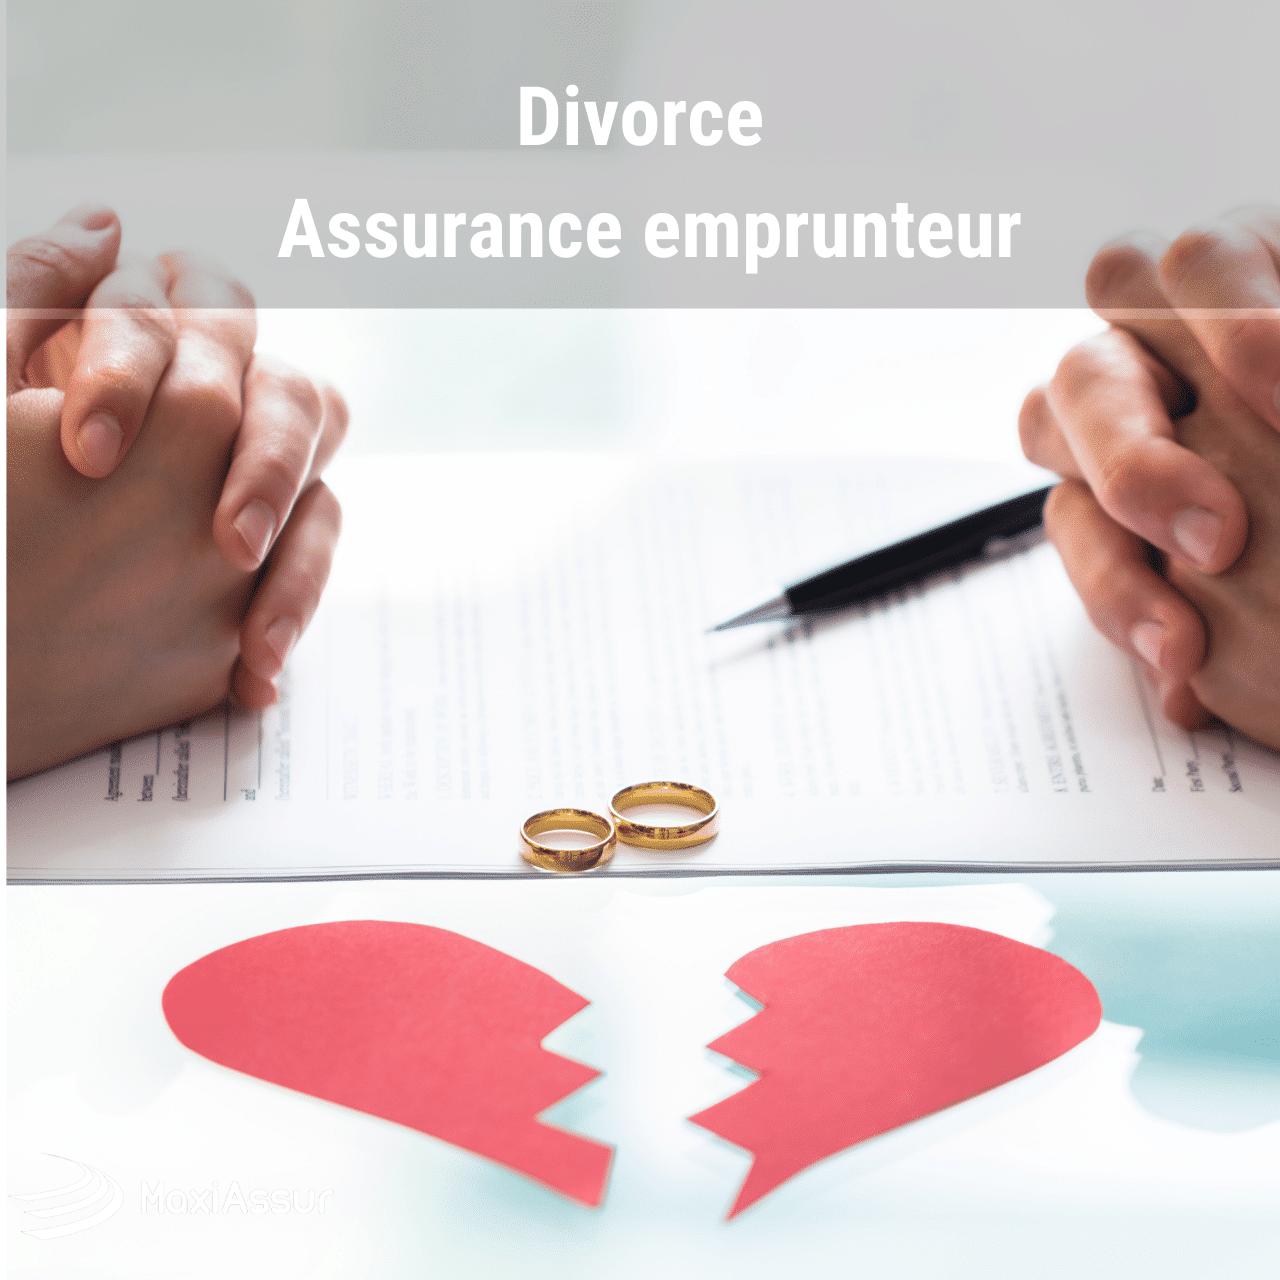 Divorce assurance emprunteur